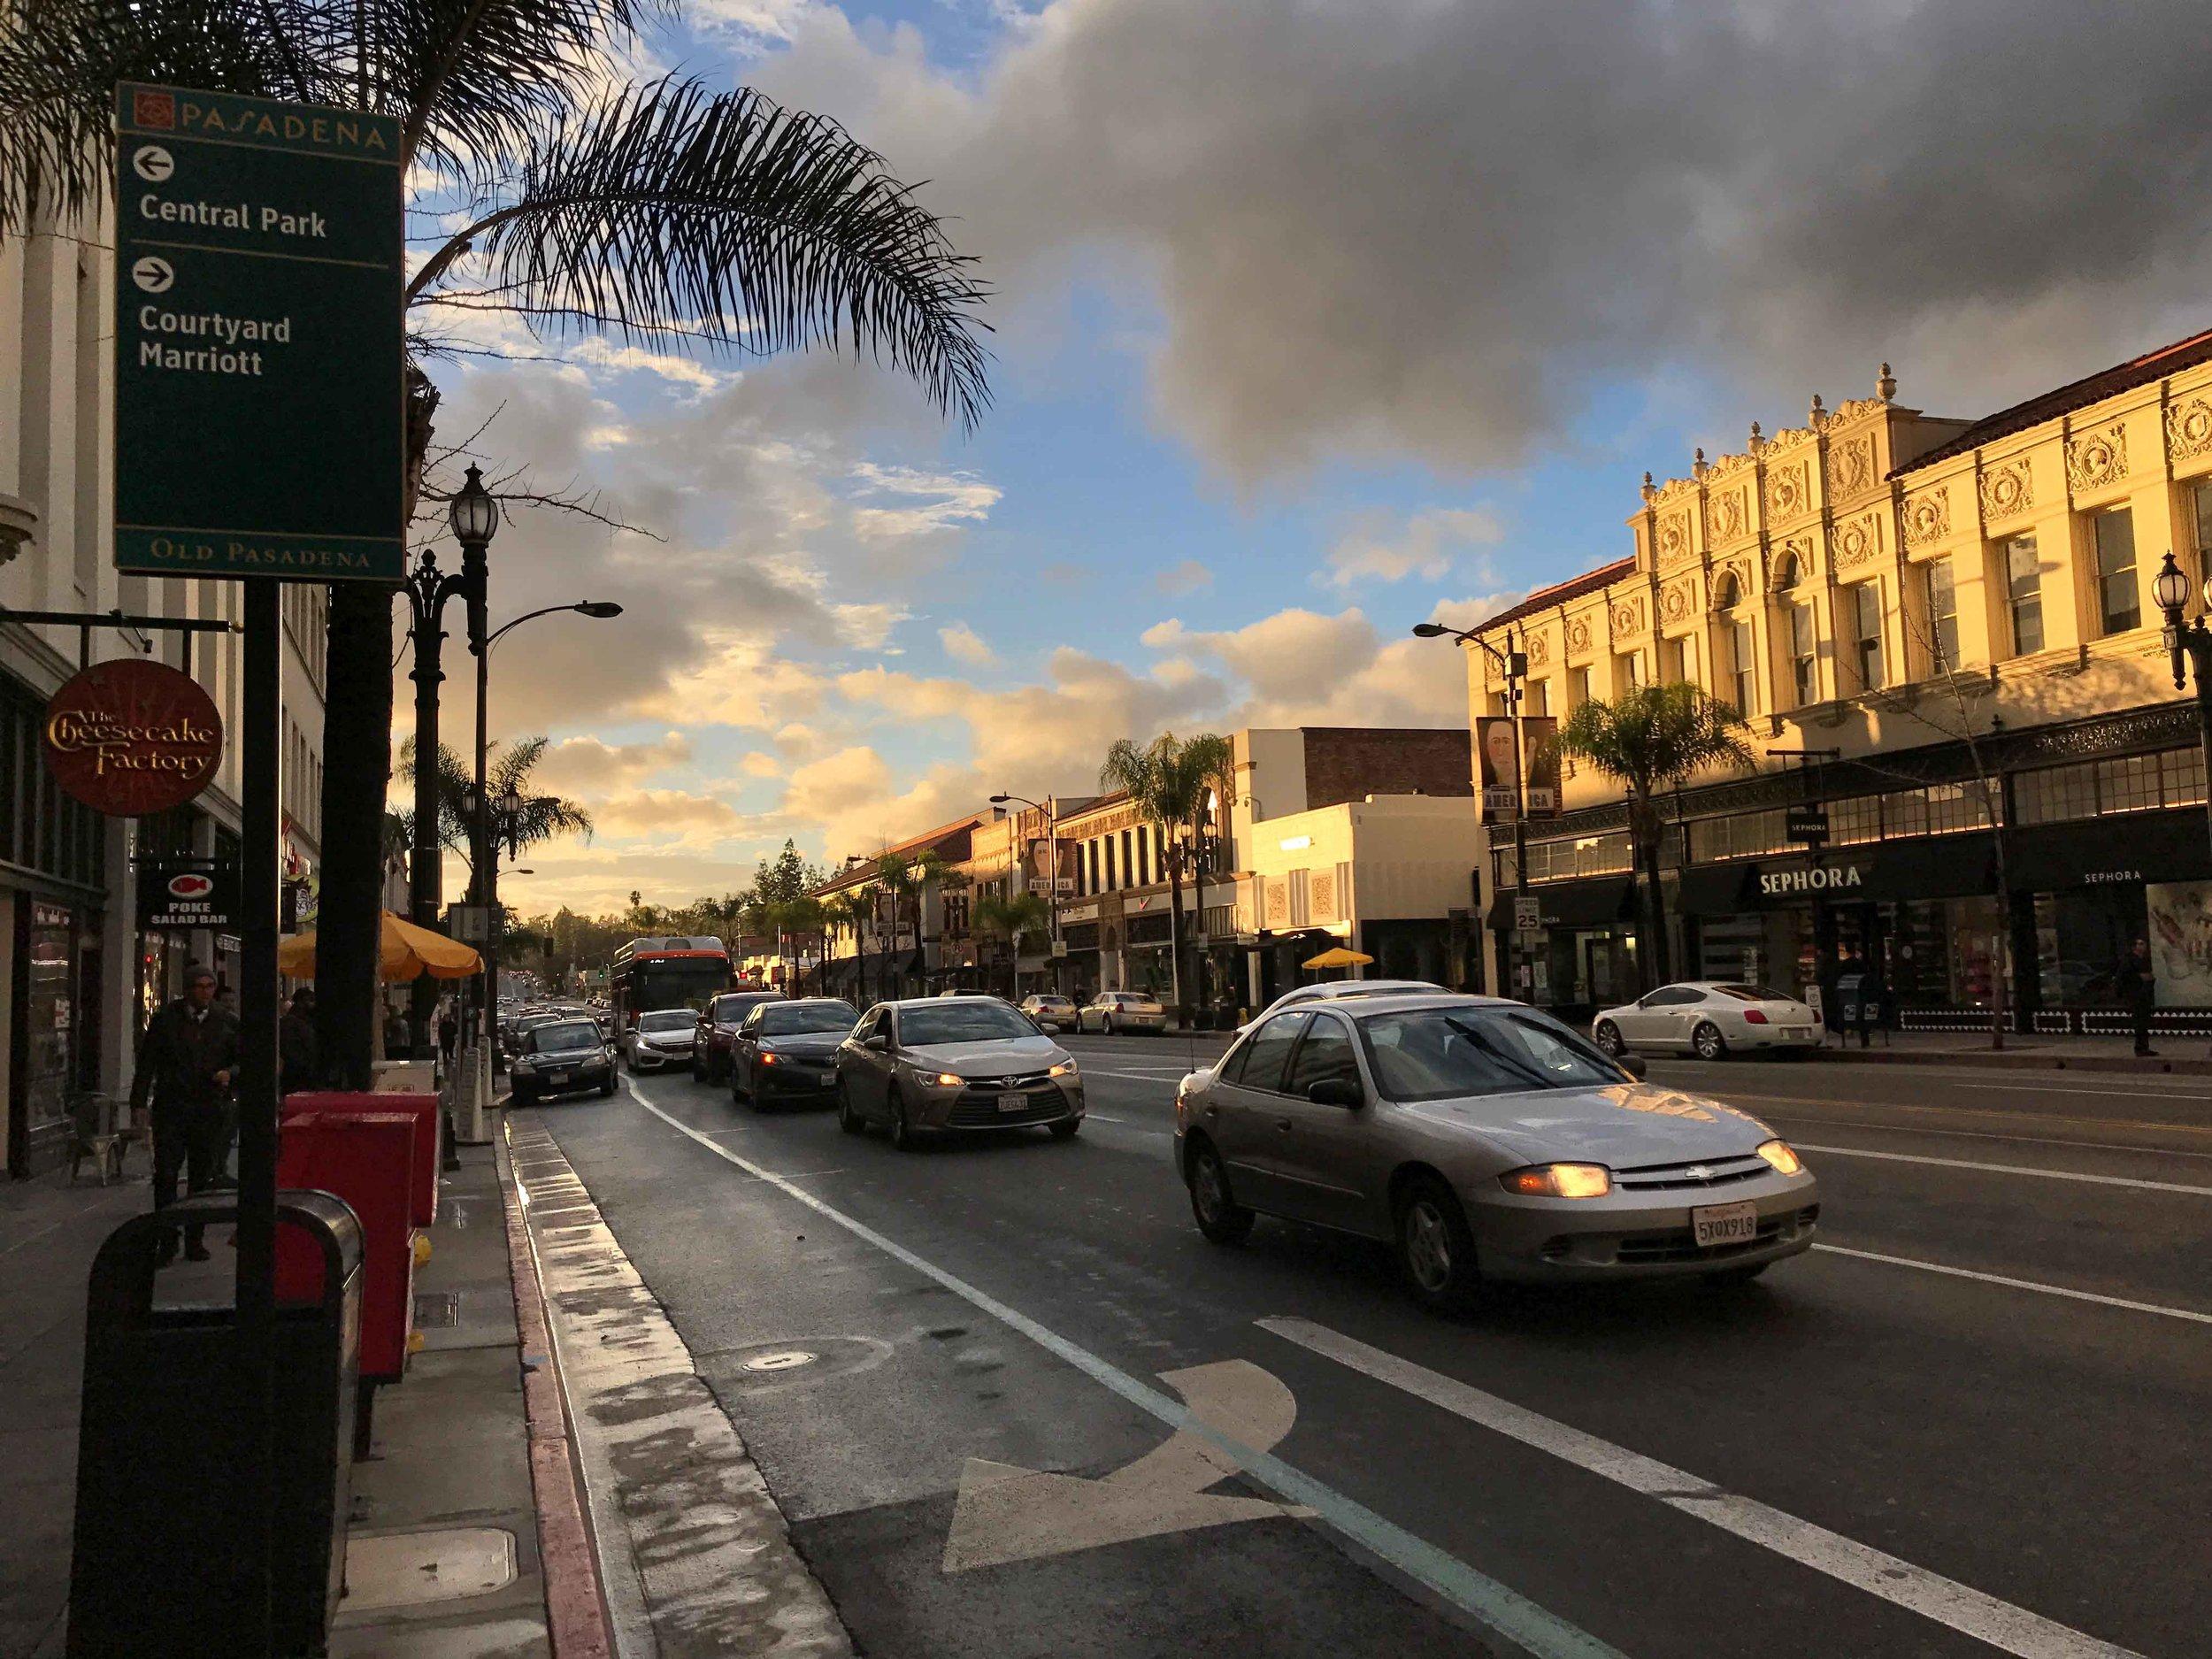 Colorado Boulevard, Pasadena. Image©thingstodot.com